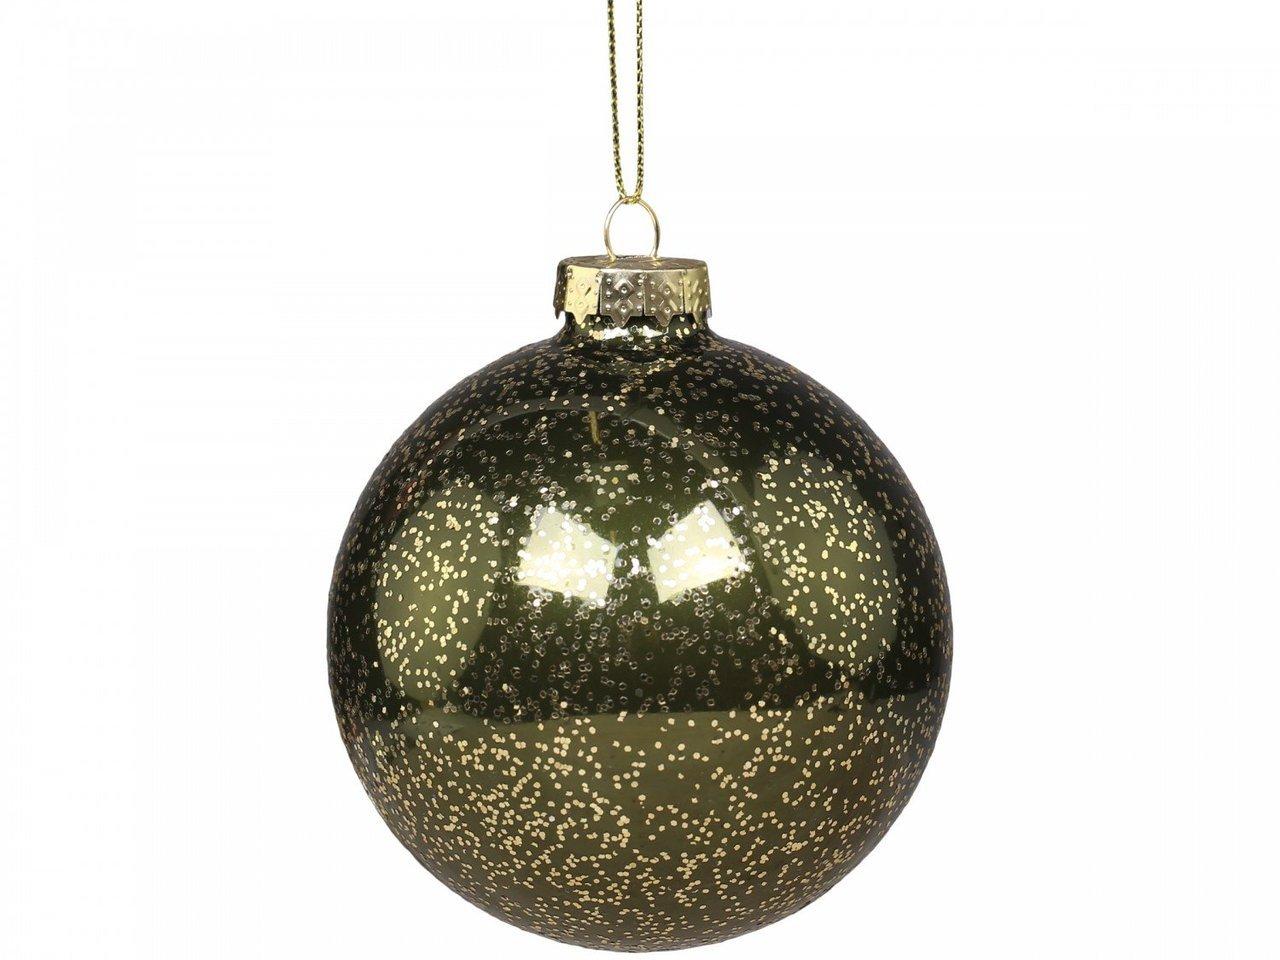 Chic Antique Weihnachtskugel mit goldenem Muster